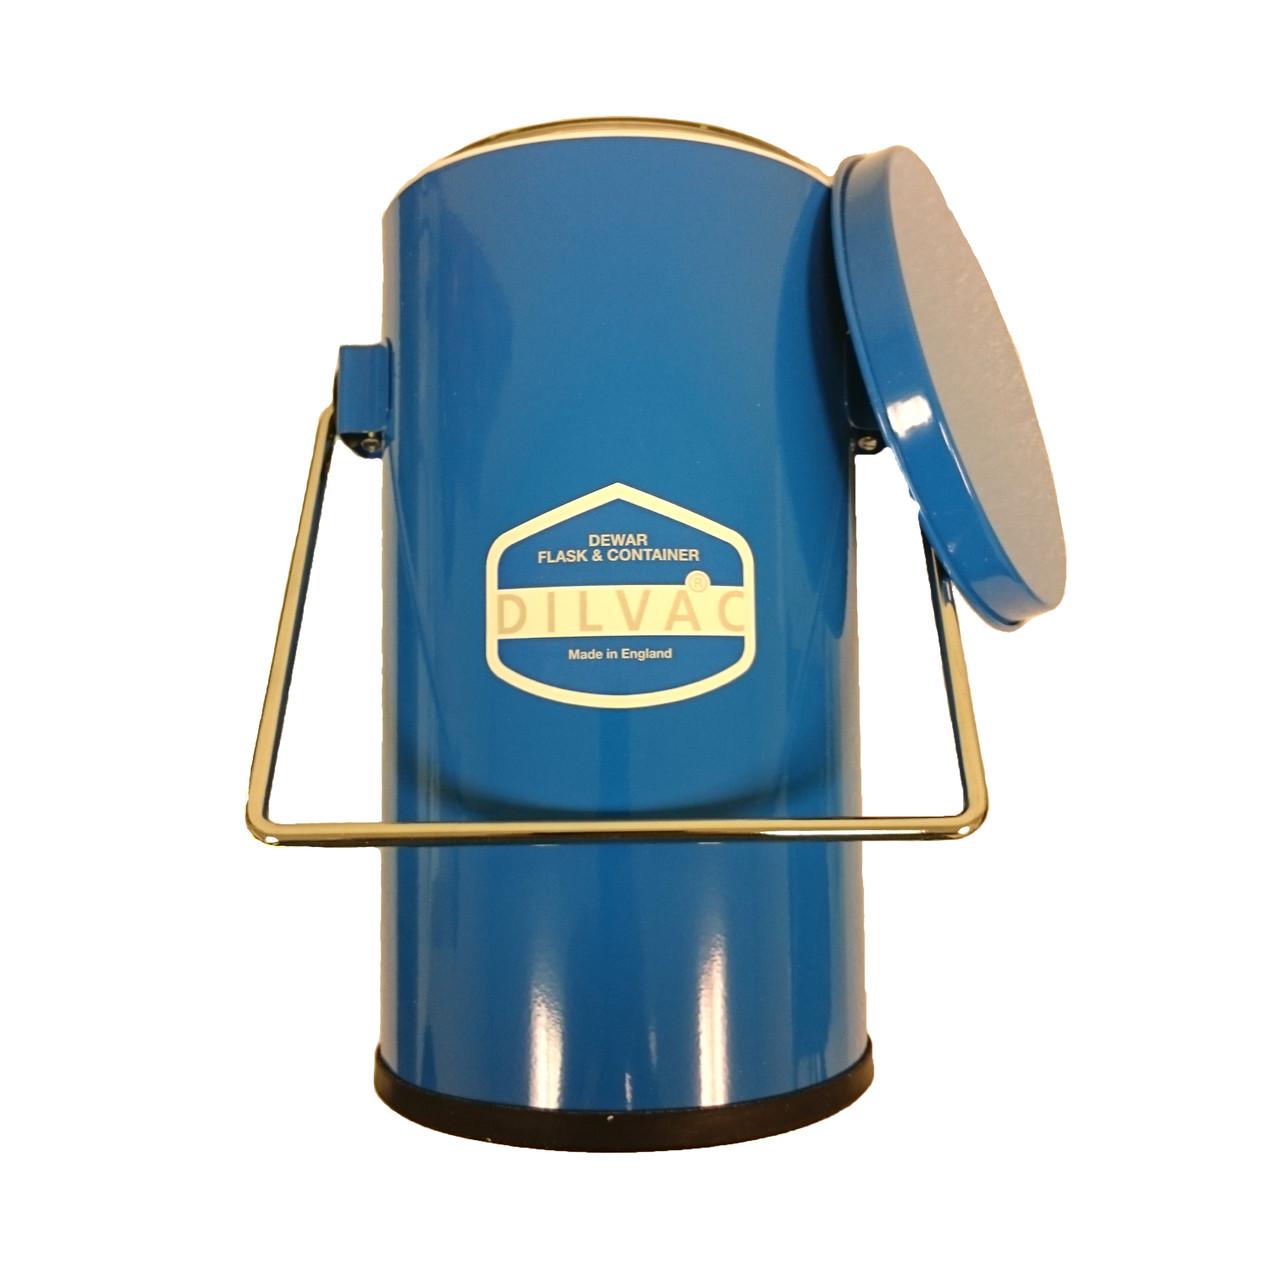 Blue Enameled Cased Dewar Flask: 4.5L